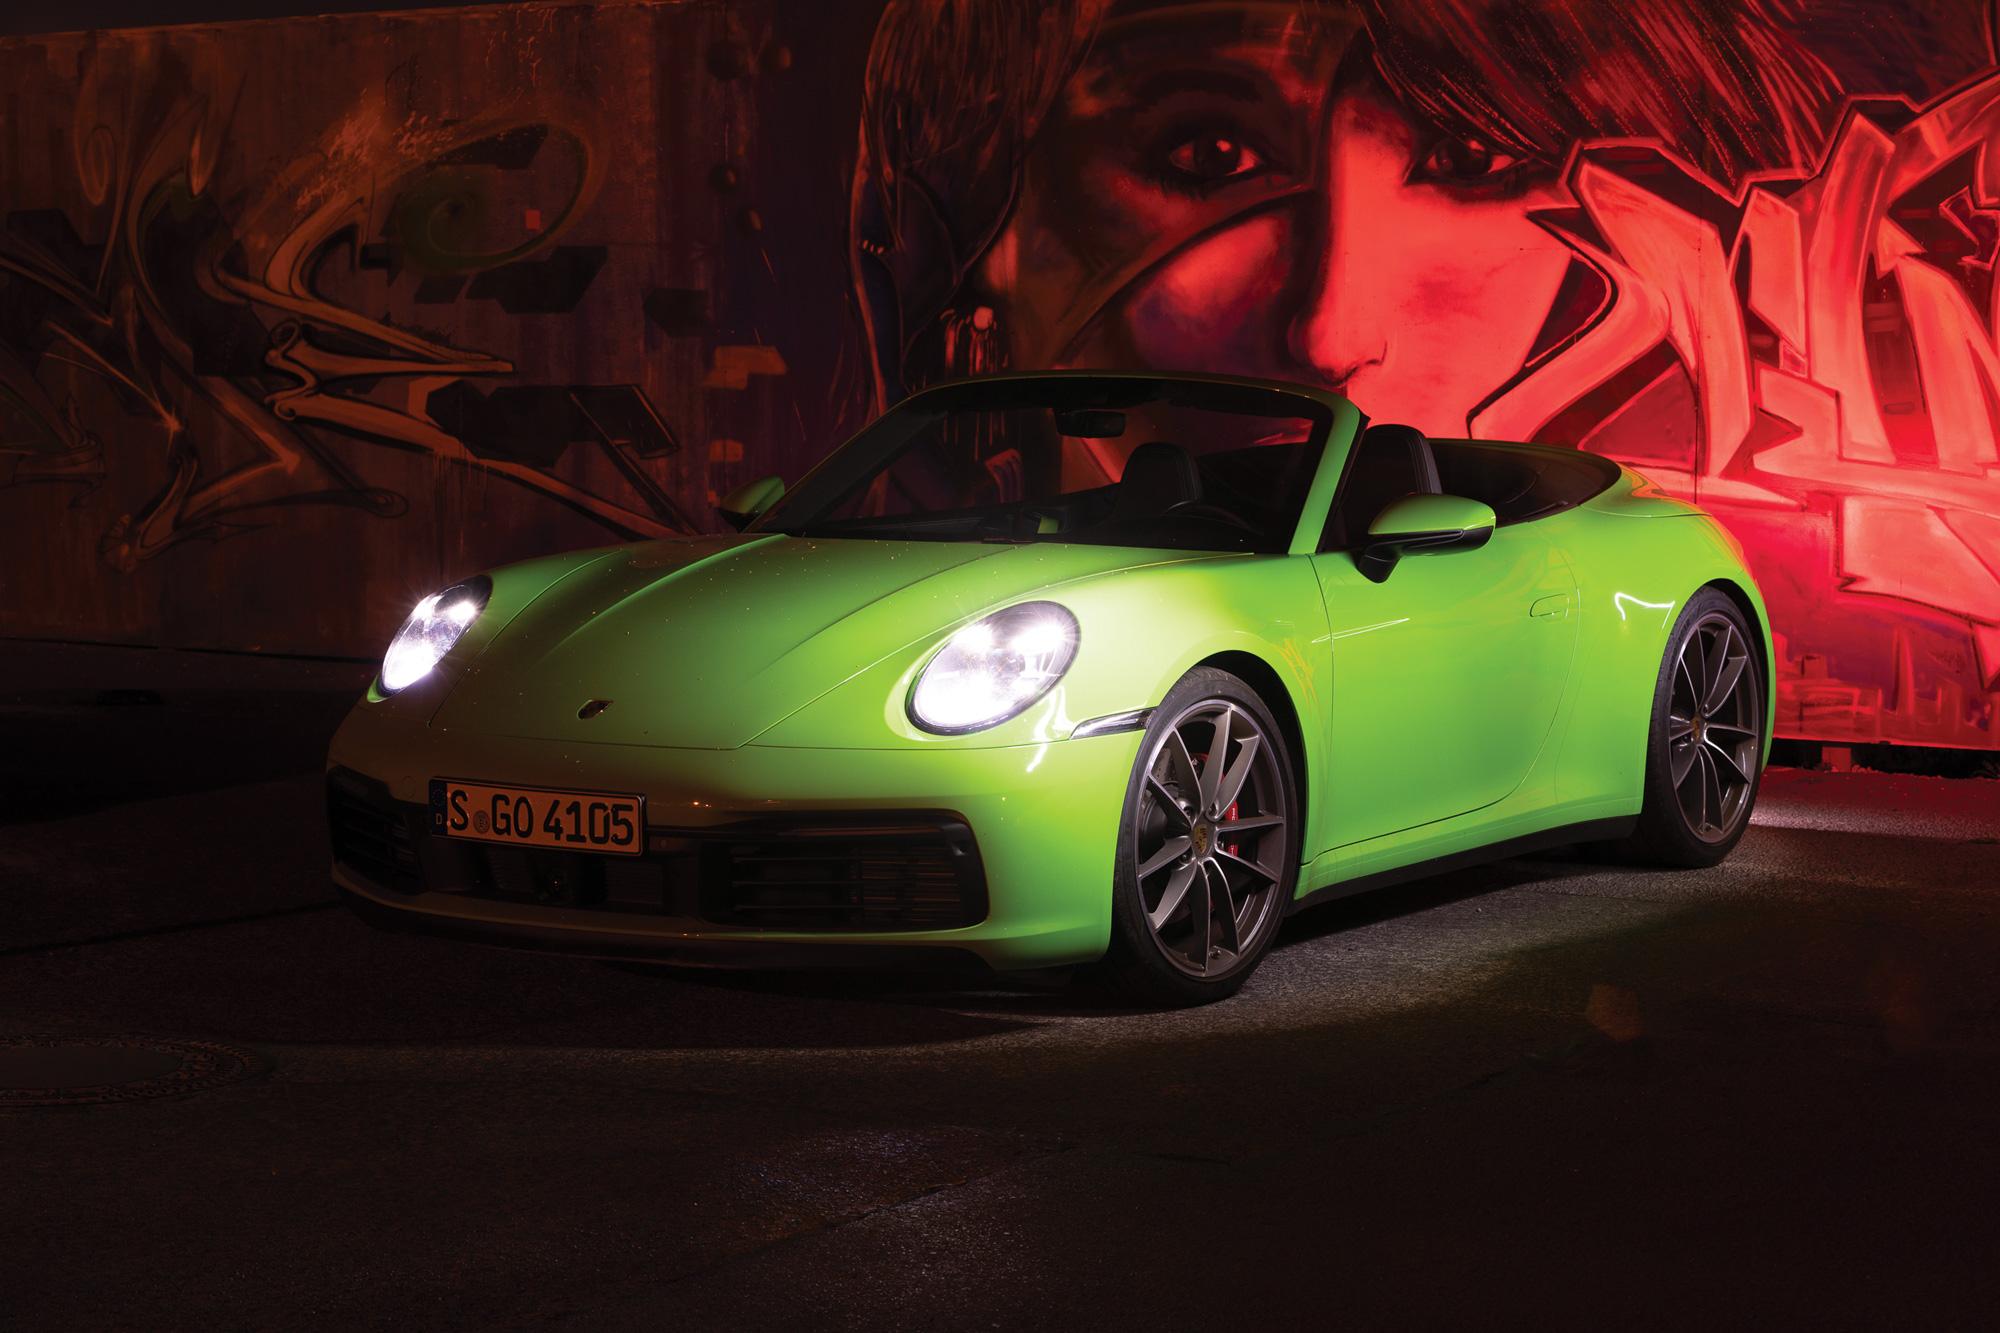 sixtysix mag porsche 911 lizard green parked